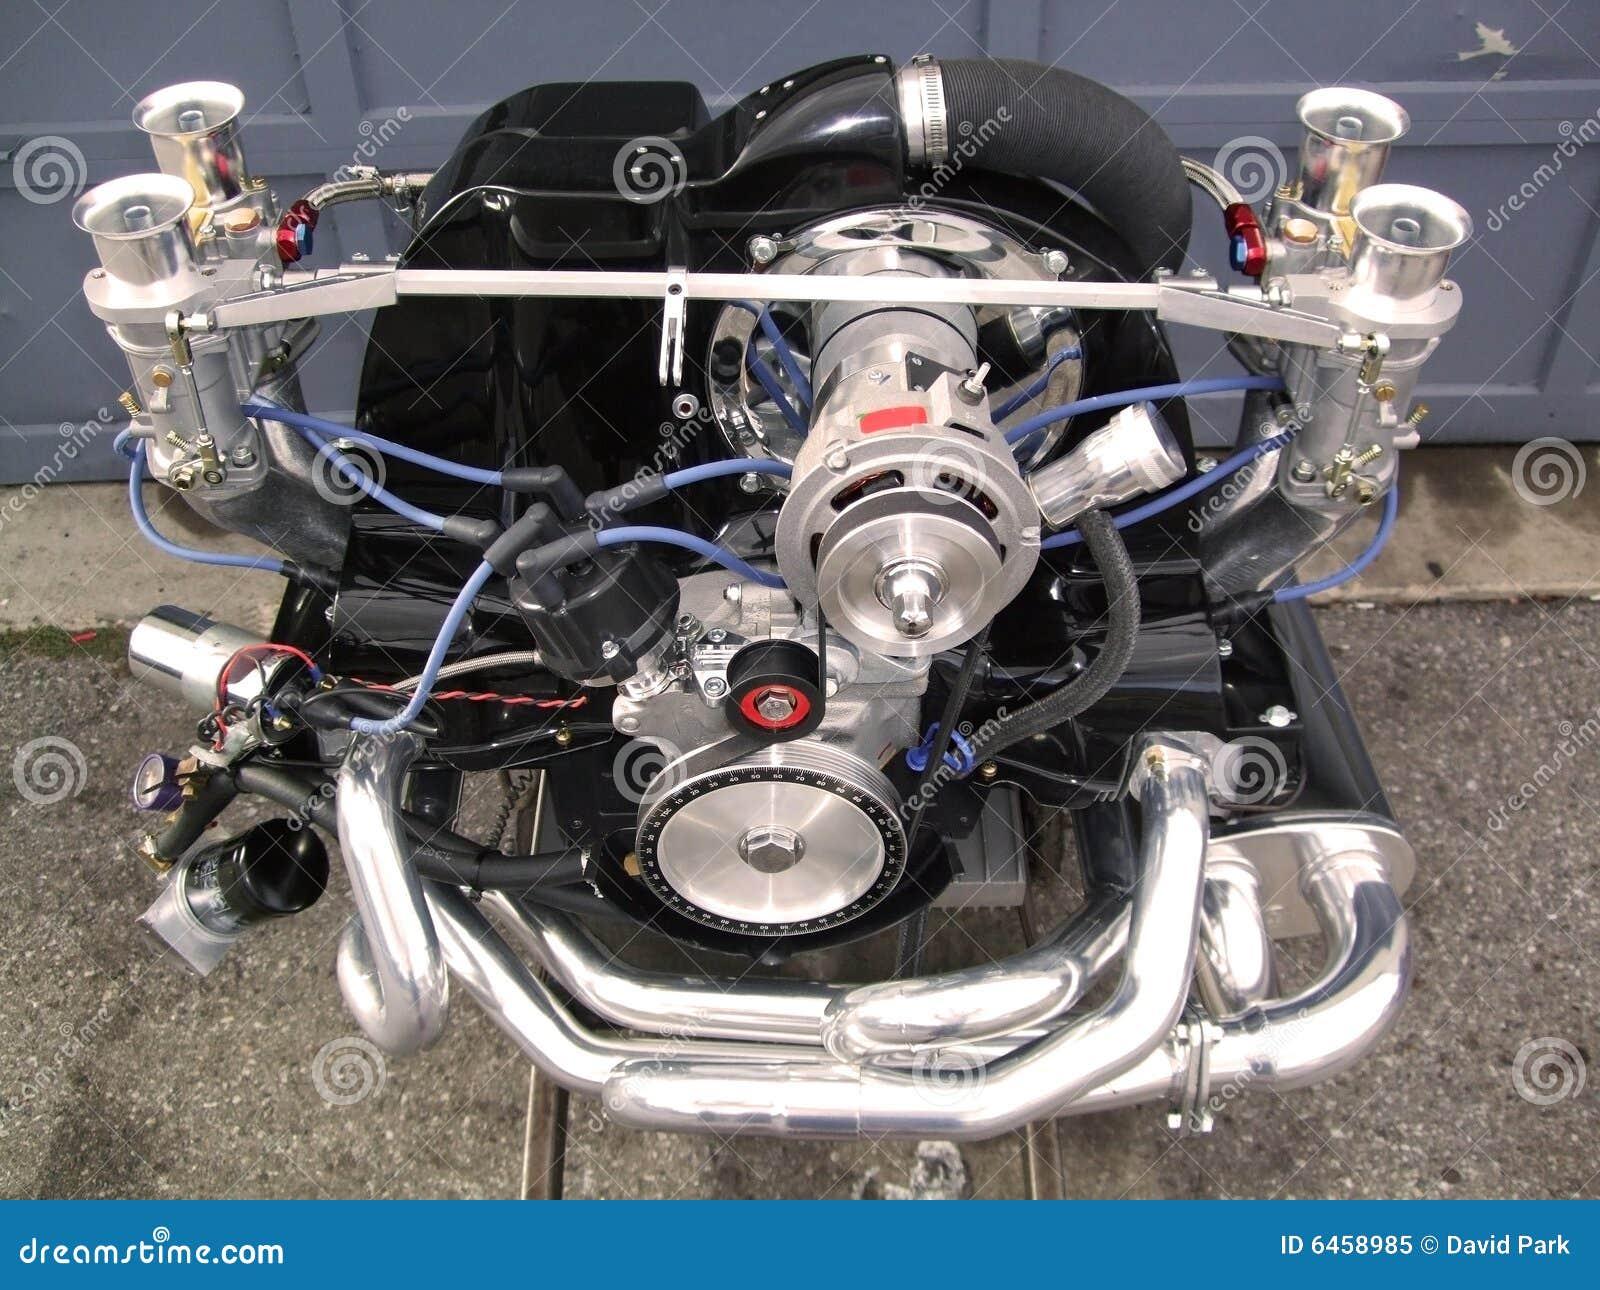 VW Performance Engine Royalty Free Stock Photo - Image ...